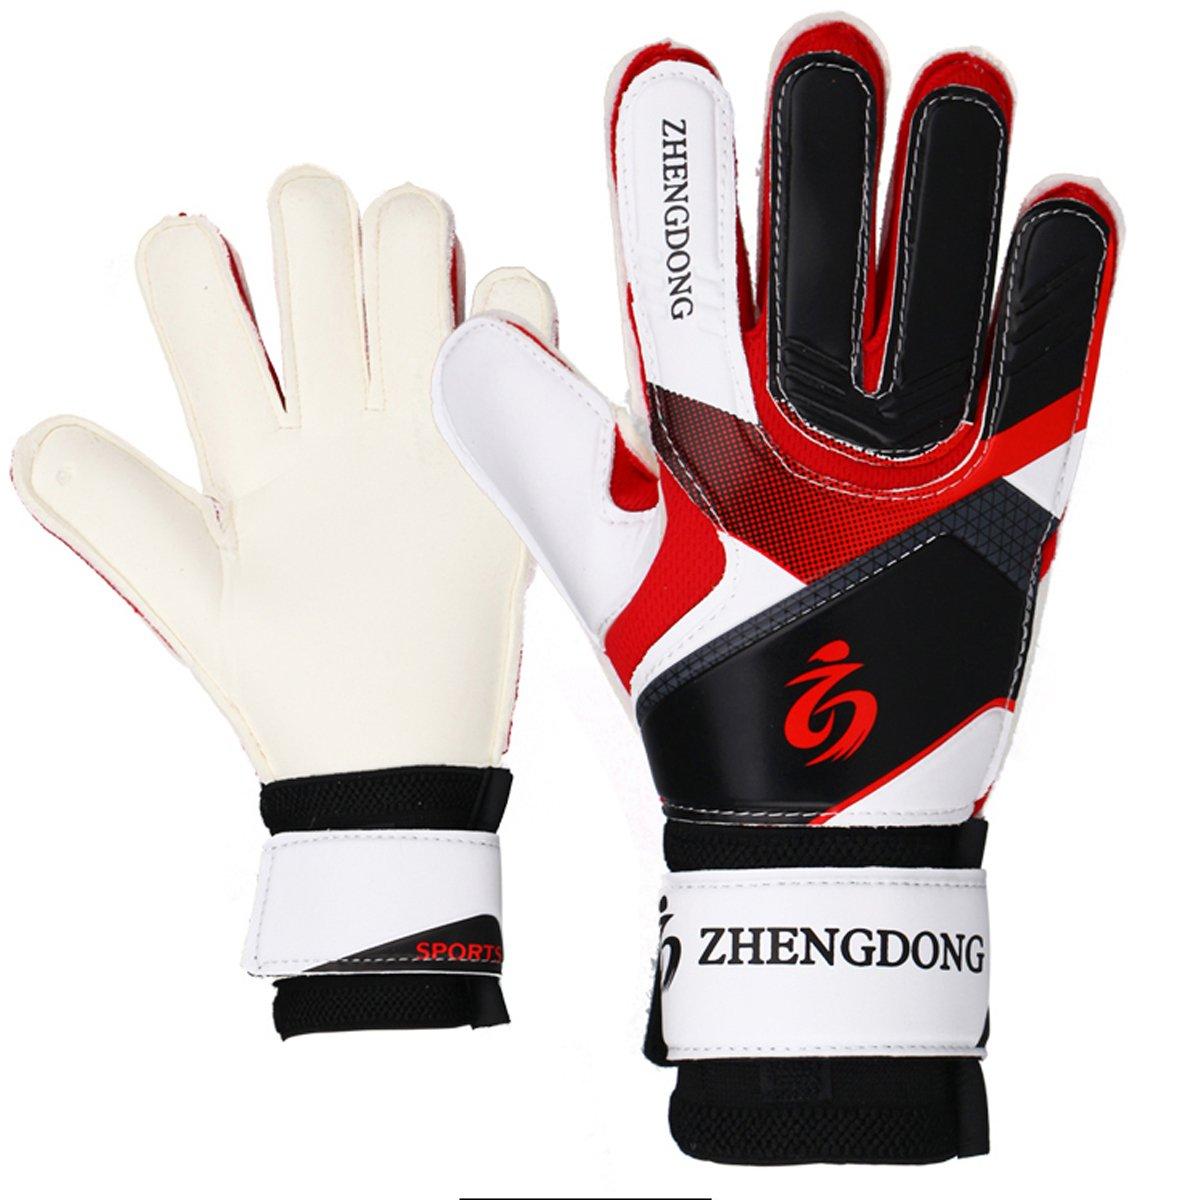 Youth Goalie Gloves ( # 8 # 9 )初心者用Goalies、指を保護、安全、快適、柔らかさと耐久性のすべての種類の天気 B07BGJCCMB 8|レッド レッド 8